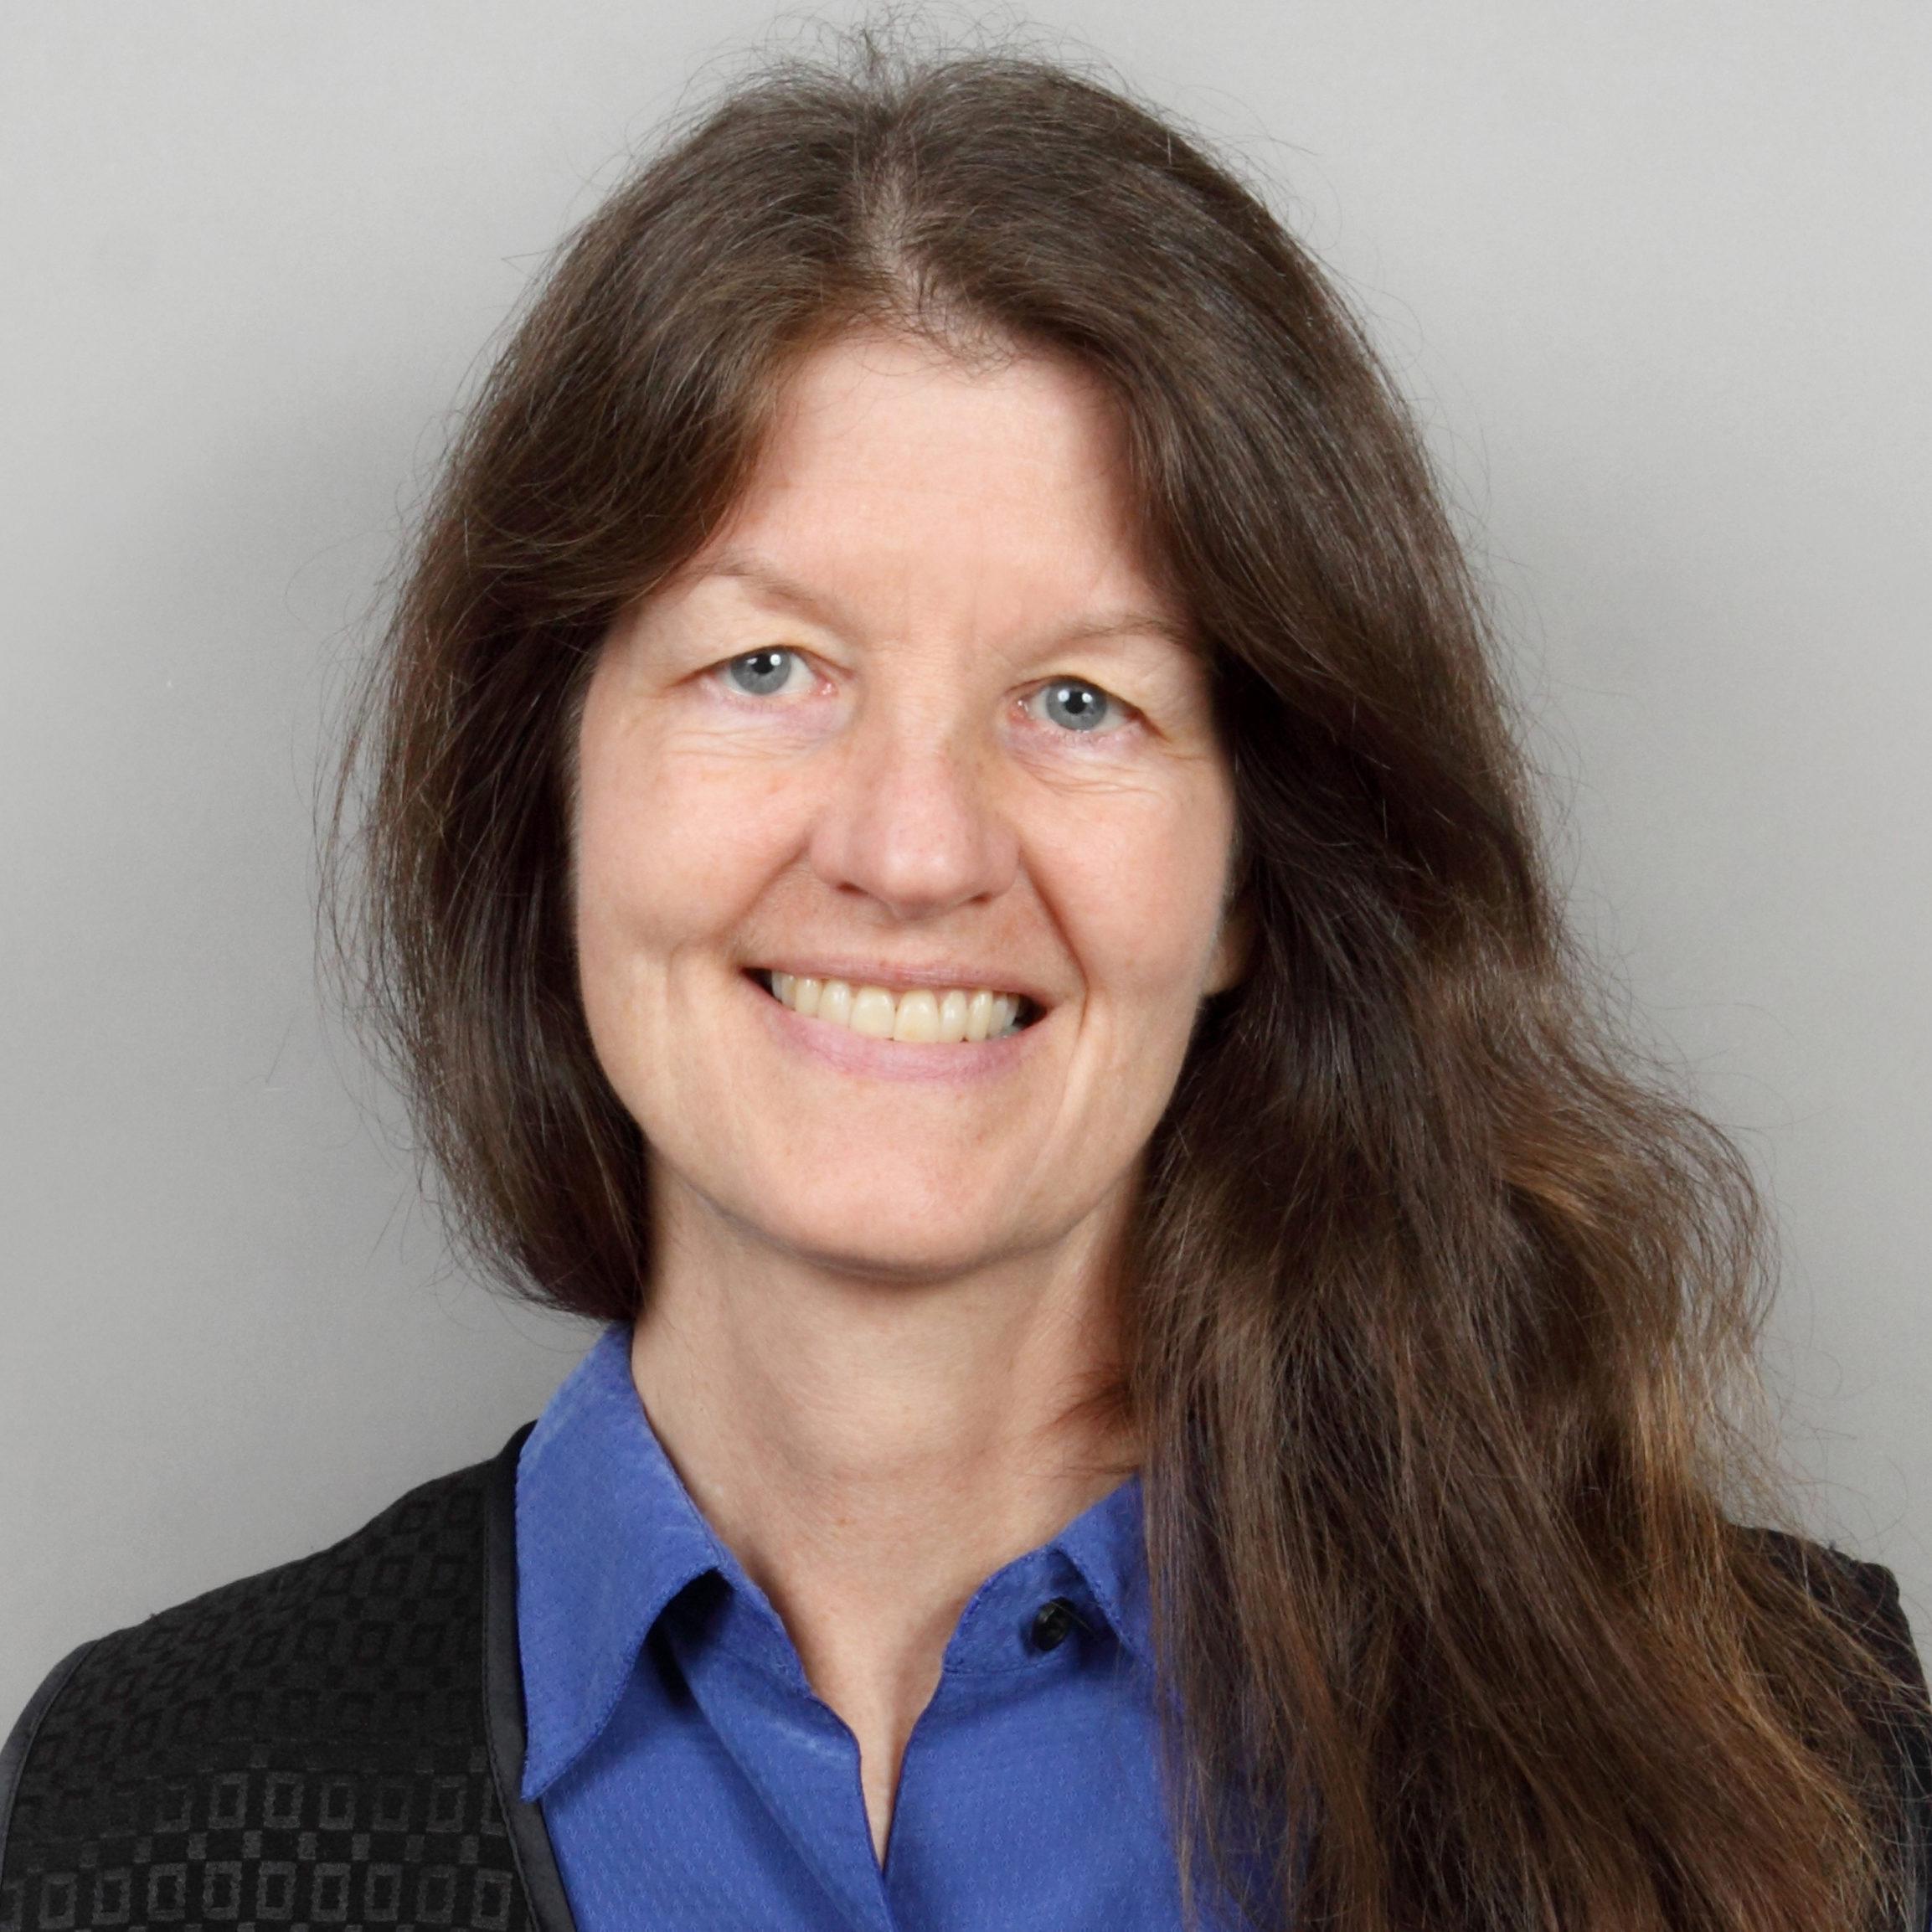 Dr. Ann Marie Craig